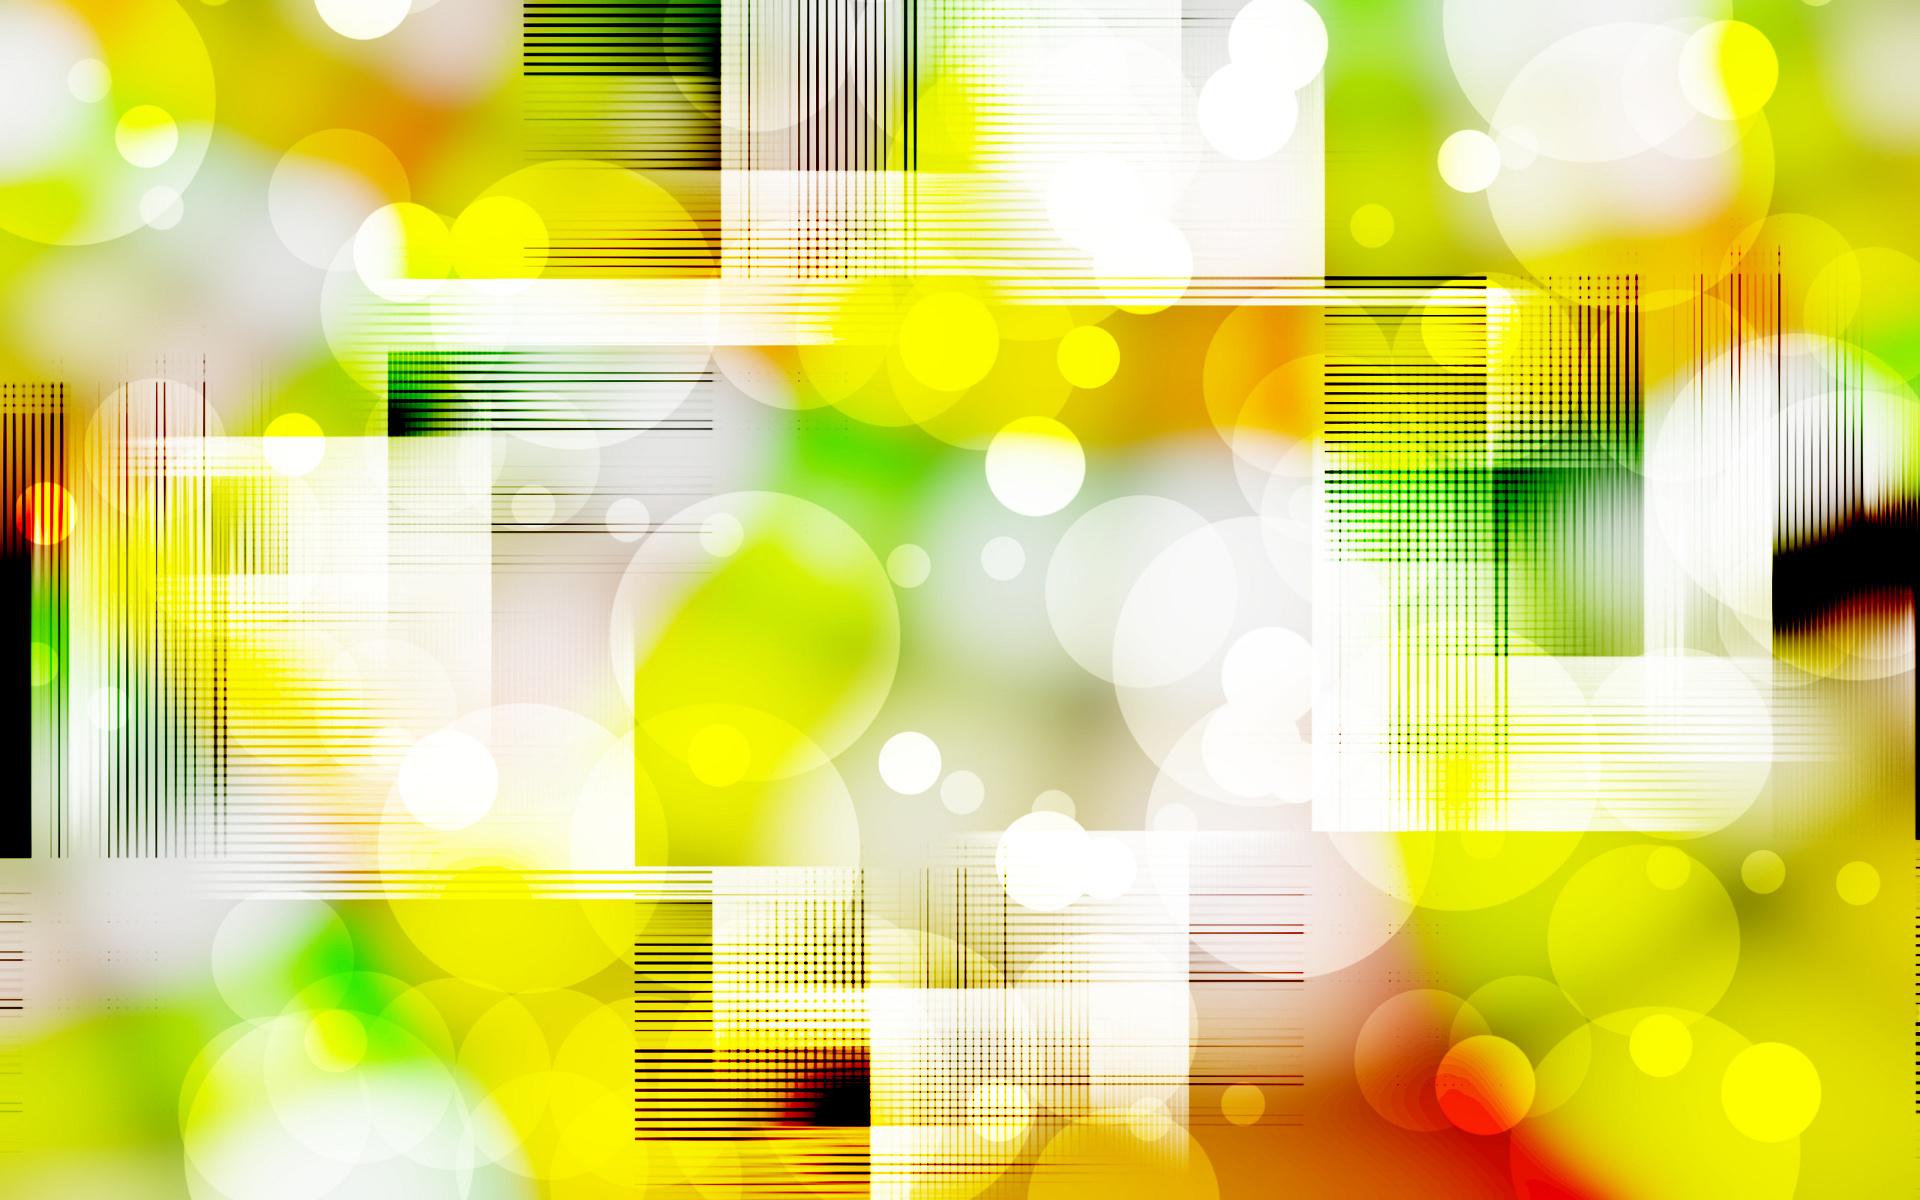 графика абстракция желтый скачать